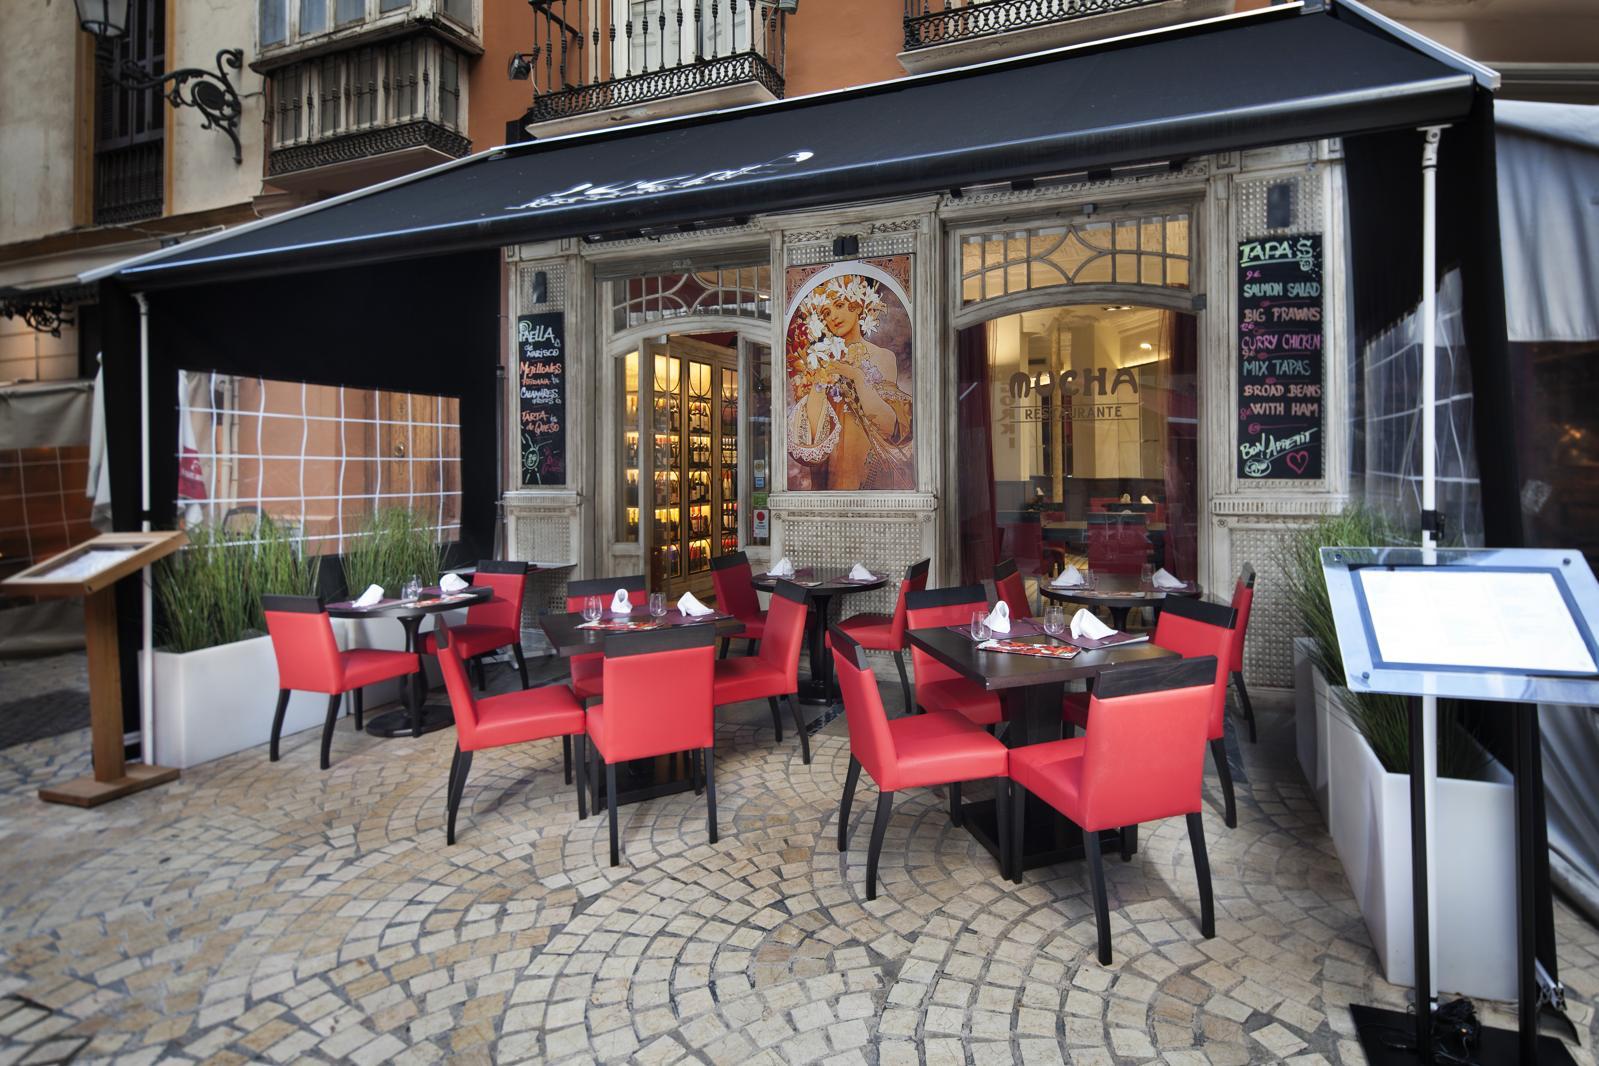 Restaurante en málaga - fotógrafo Andreas Grunau - fotografía de restaurante